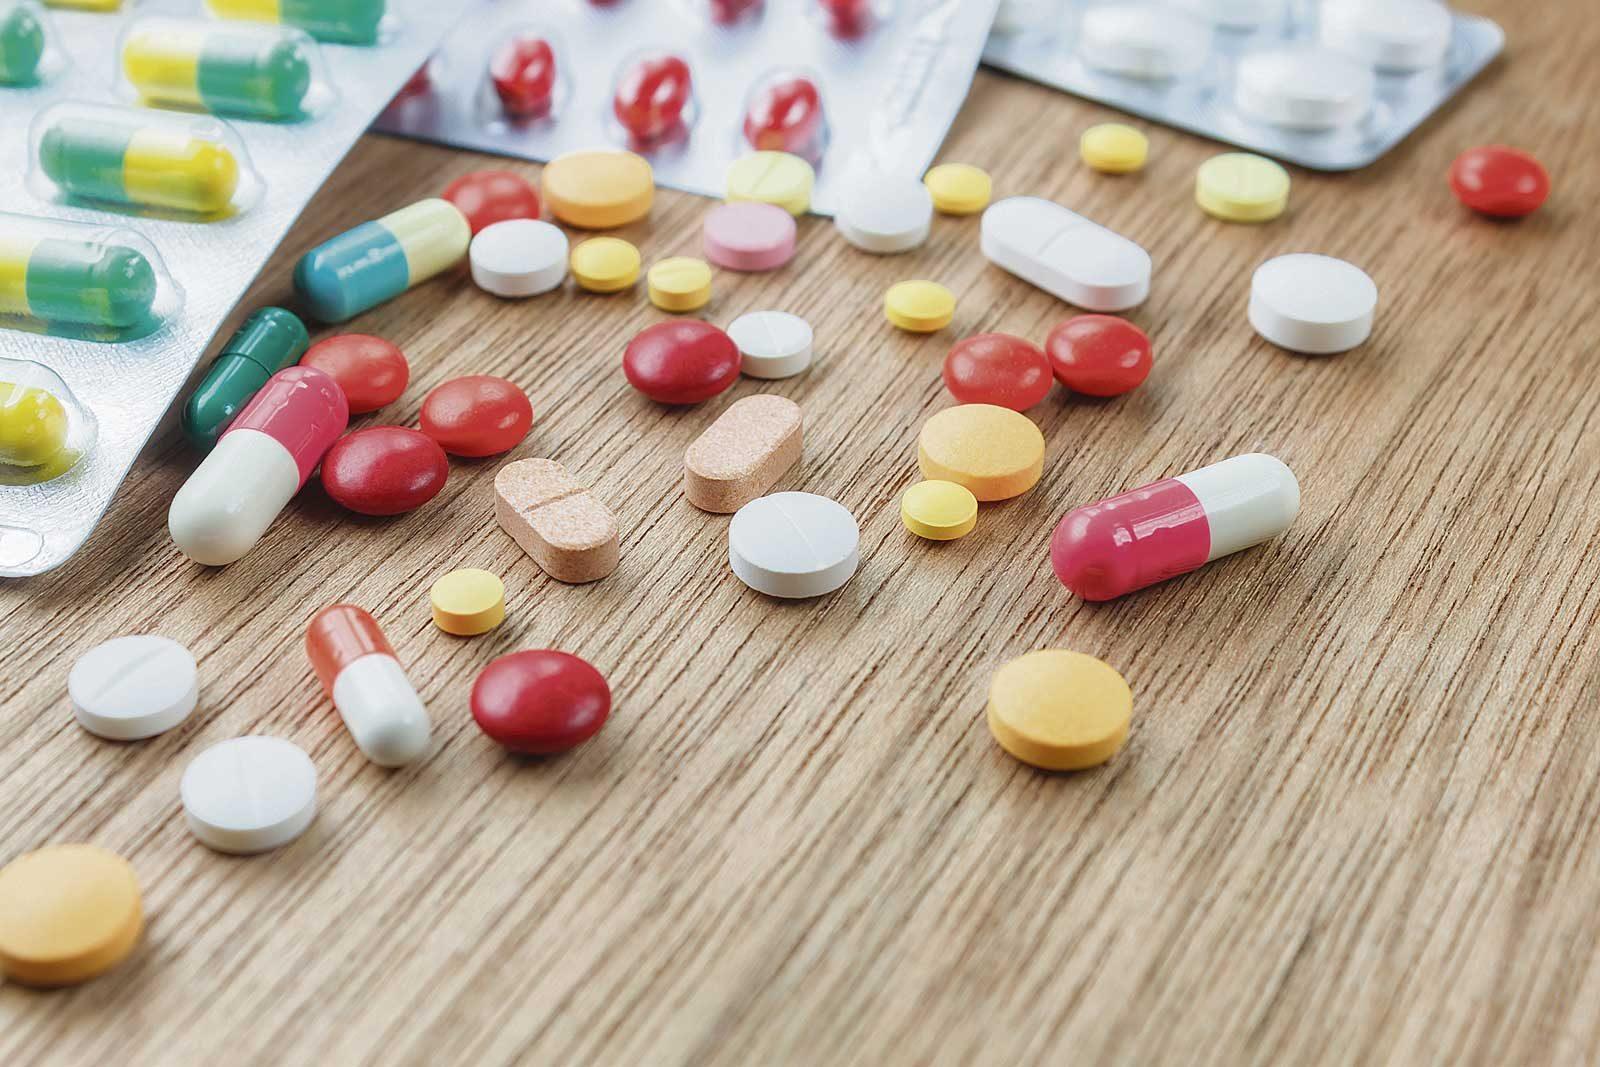 pastile pentru dureri musculare și articulare)